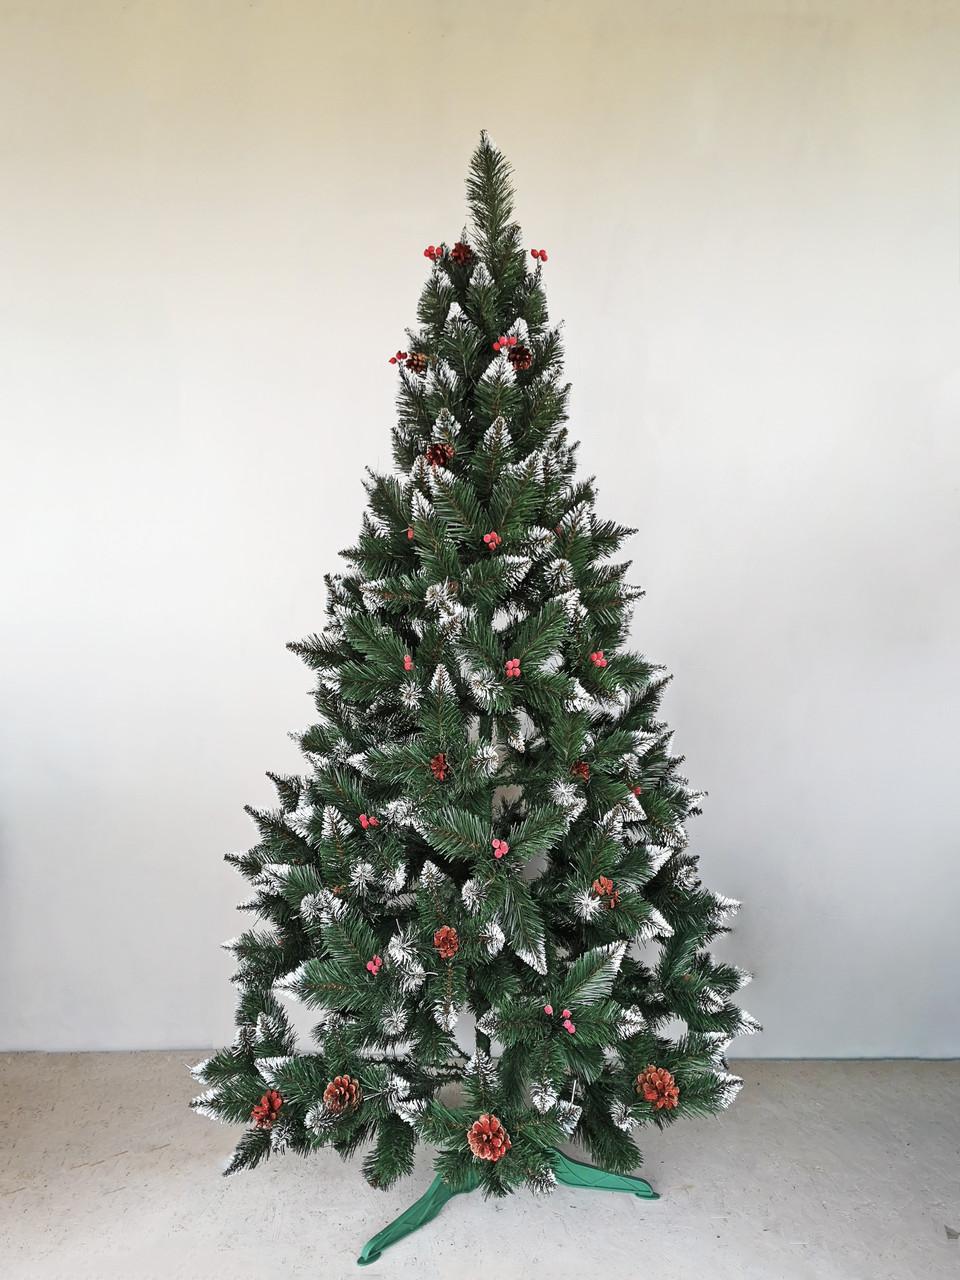 Елка с красной калиной и шишками 2,0 м Рождество с белыми кончиками